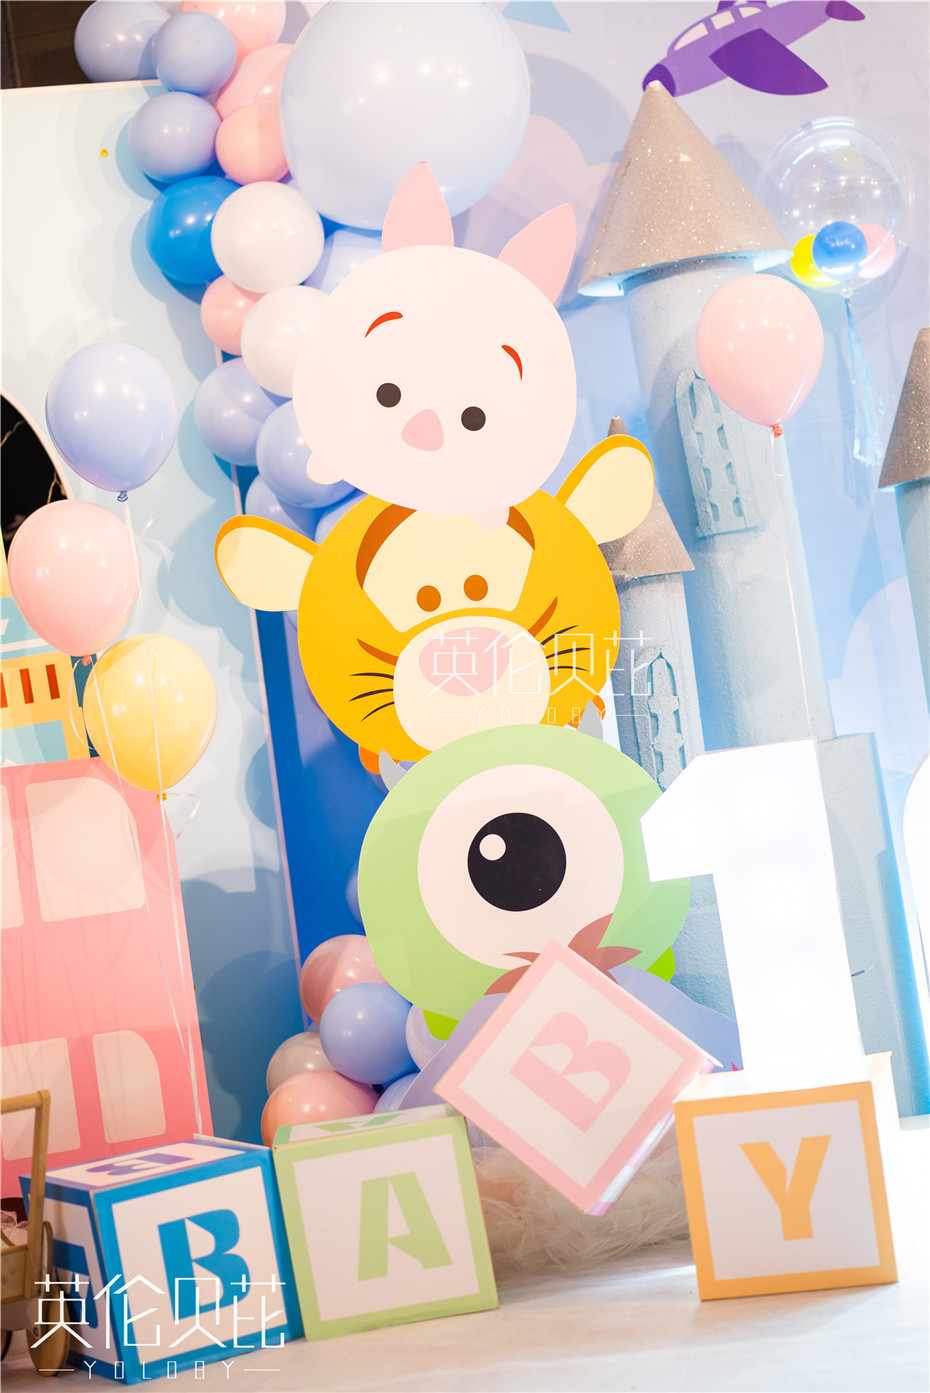 迪士尼团子宝宝宴